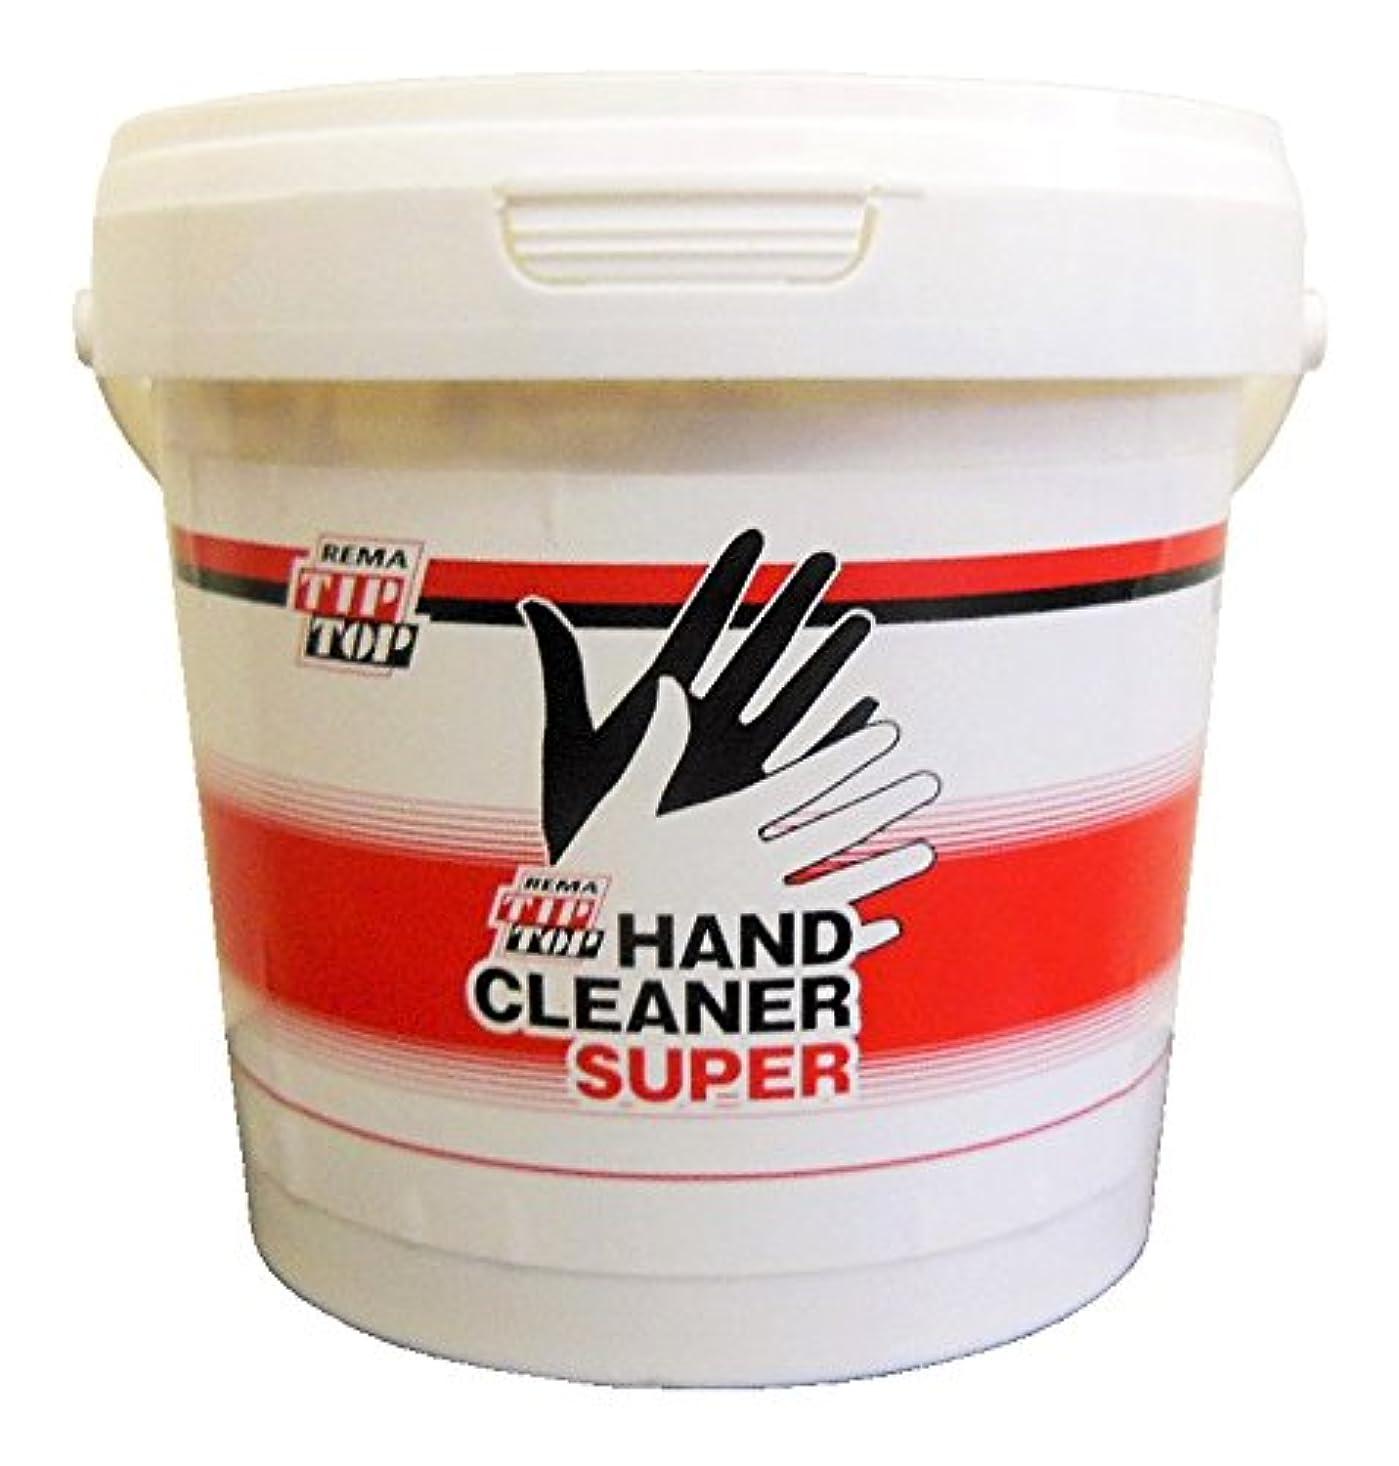 ドロー我慢する束ねるTIPTOP(チップトップ) ハンドクリーナー HAND CLEANER SUPER 1L H-051